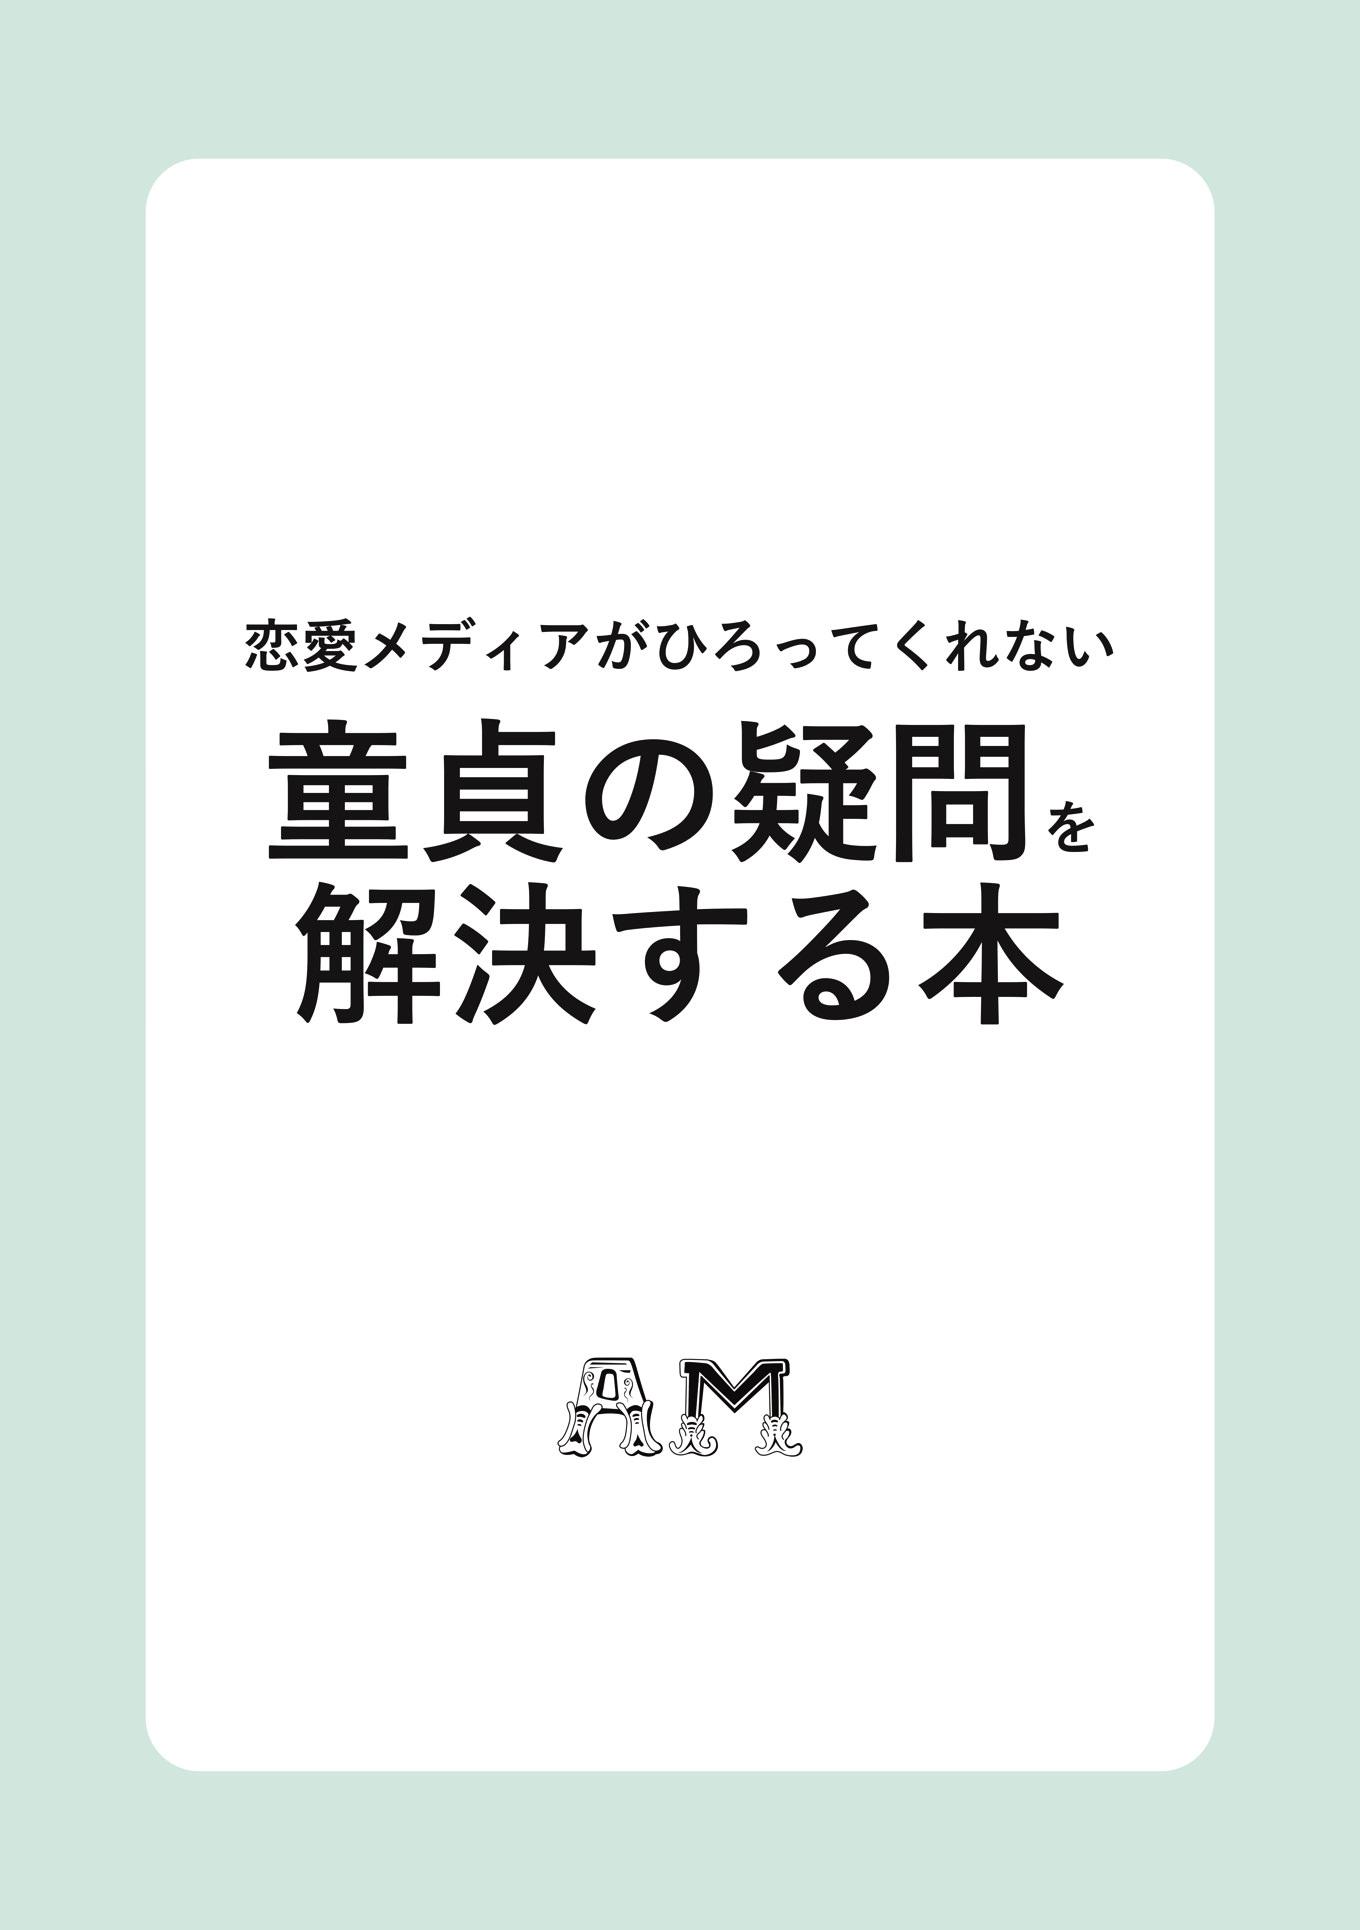 人気殺到で完売の「童貞の疑問を解決する本」が電子書籍に! 「童貞じゃなくても面白い」